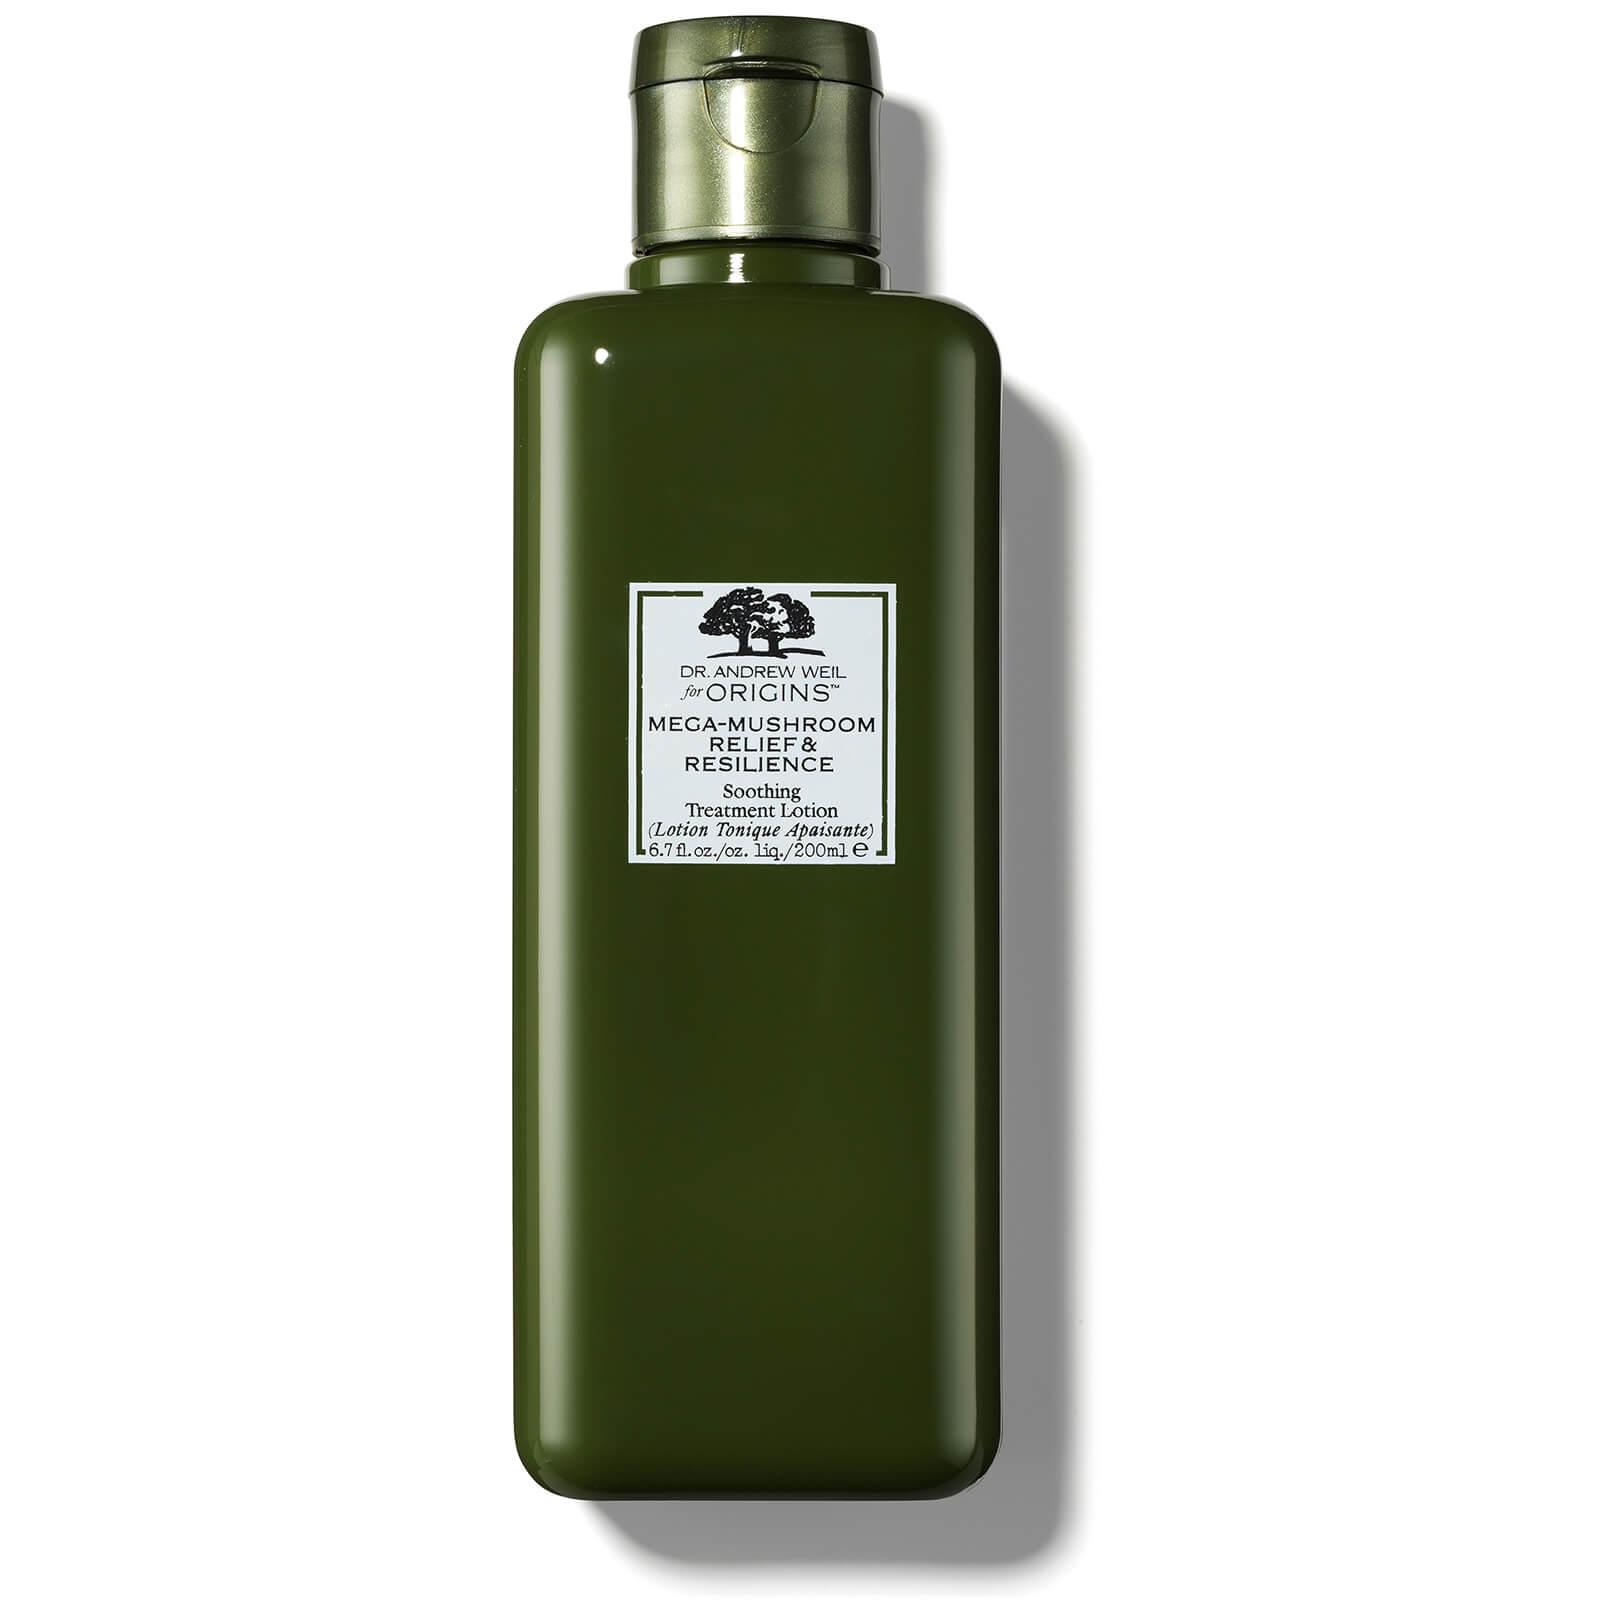 Tónico calmante y reconfortante para pieles sensibles Mega Mushroom Relief & Resilience de ORIGINS